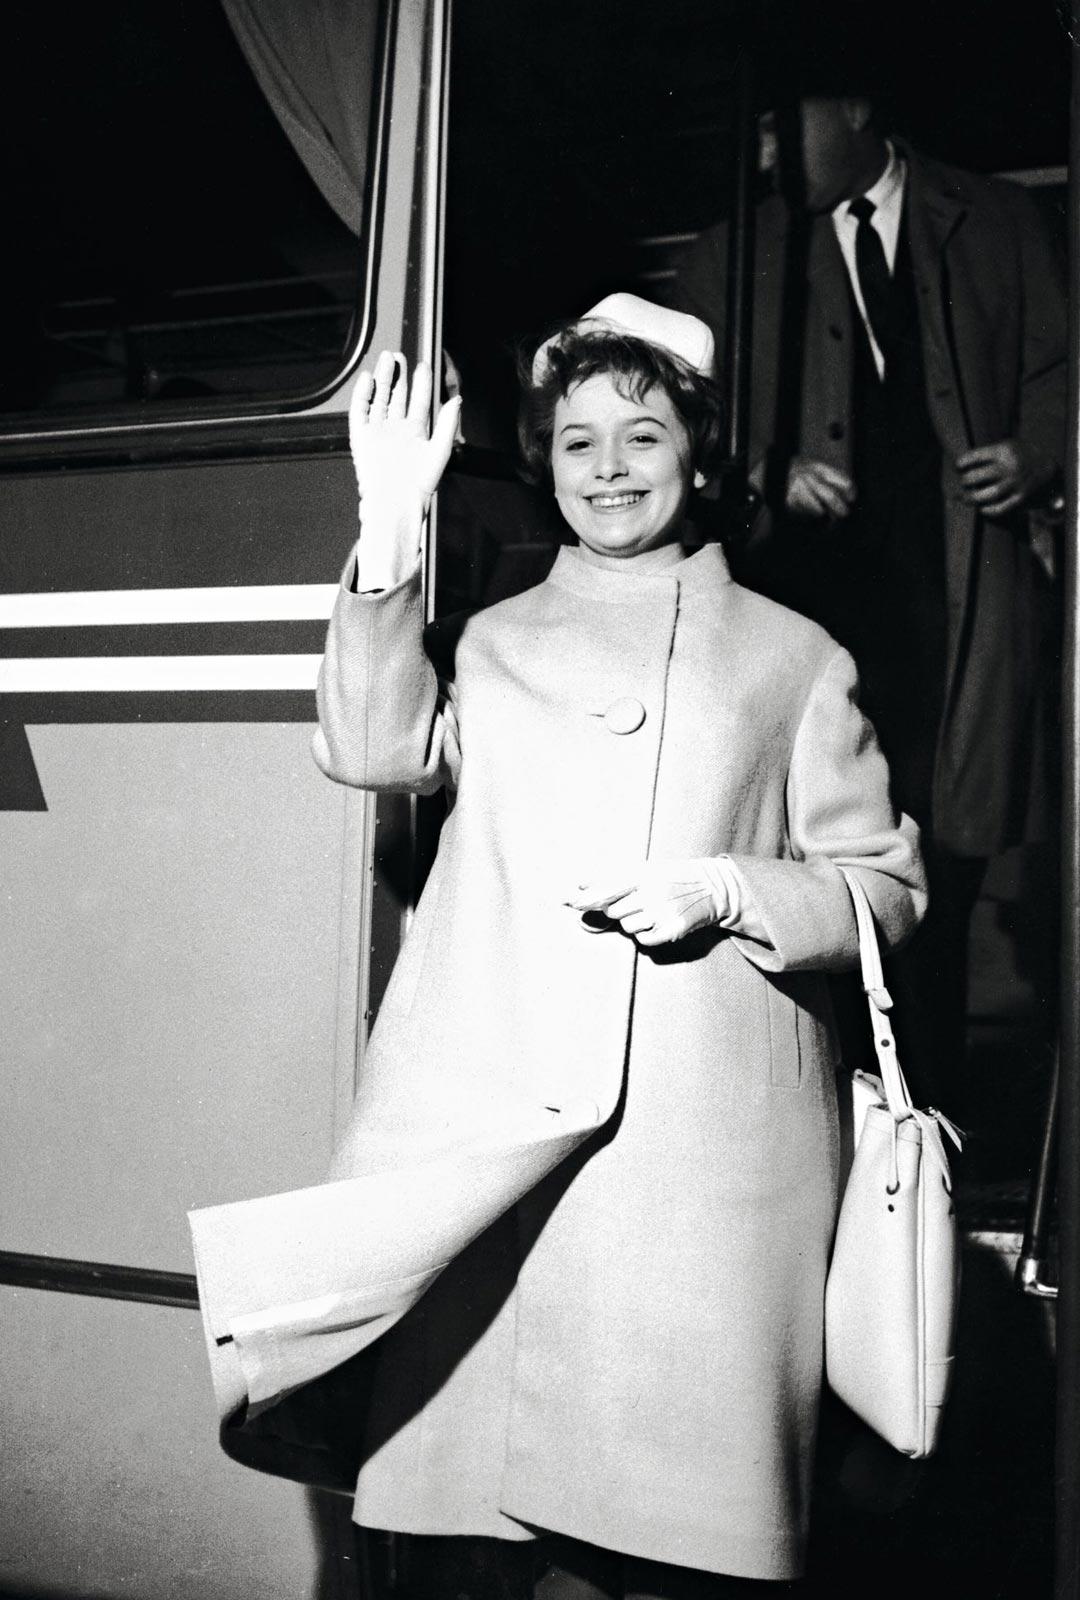 Marion Rung jännitti Euroviisu-debyttiään valtavasti. Kuvassa hän on matkalla viisukaupunki Luxemburgiin maaliskuussa 1962.